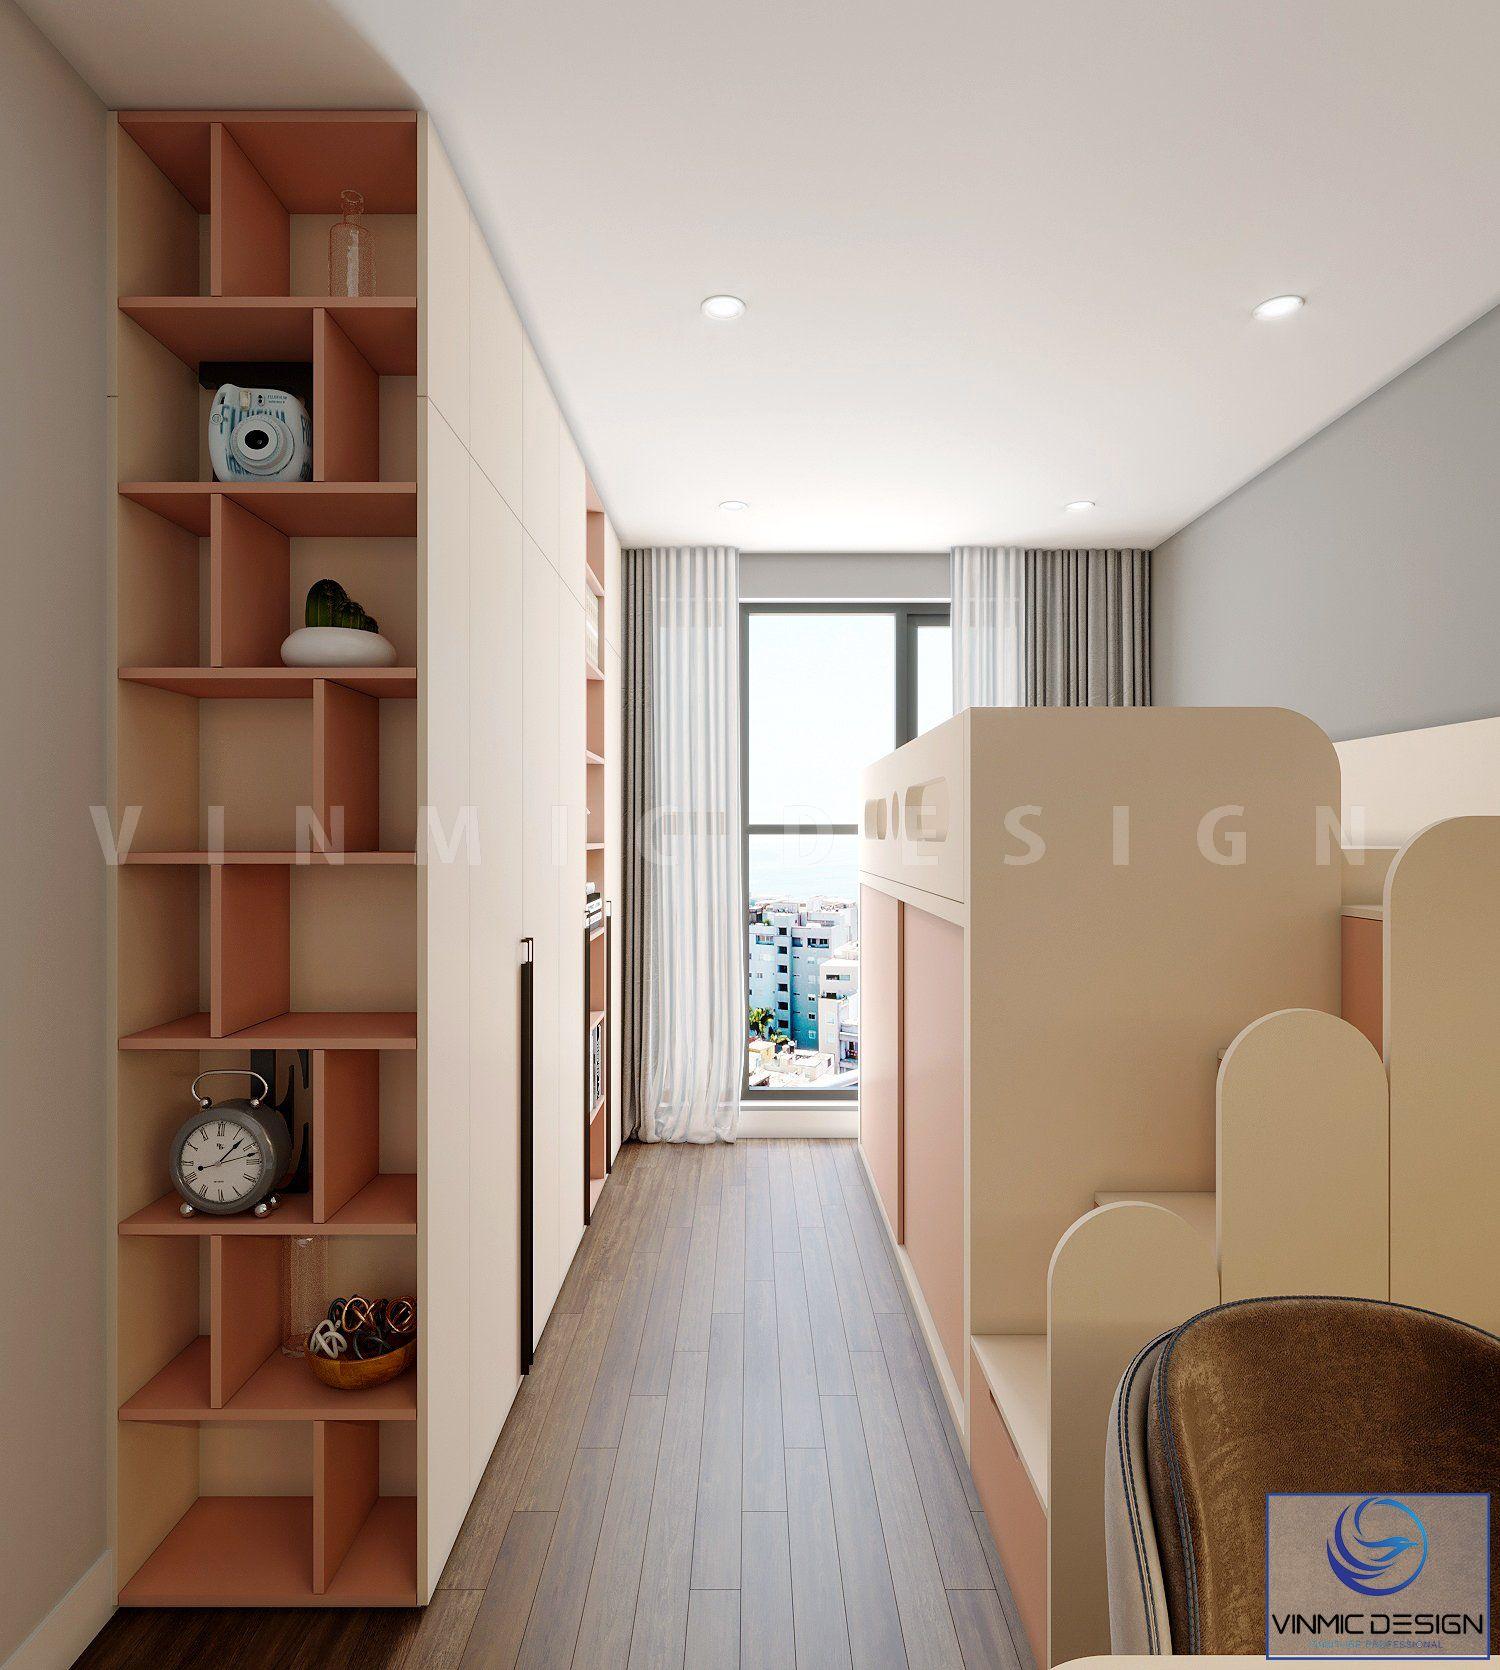 Thiết kế giường tầng cho bé thỏa sức sáng tạo